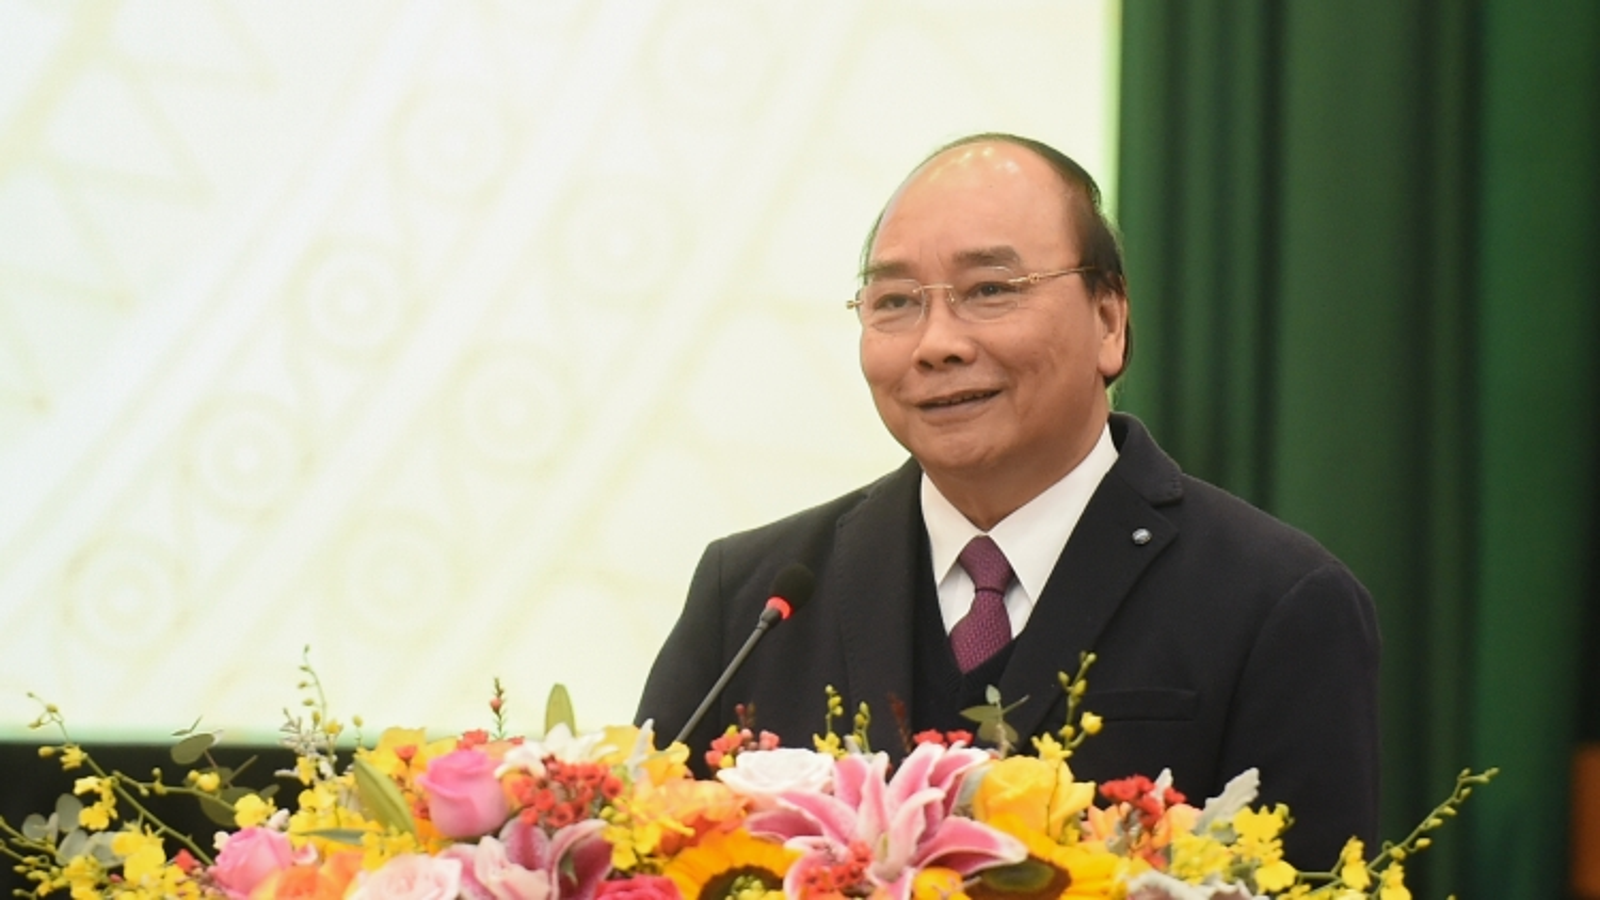 Thủ tướng Nguyễn Xuân Phúc: Ngành Tài chính cần đảm bảo huyết mạch nền kinh tế thông suốt